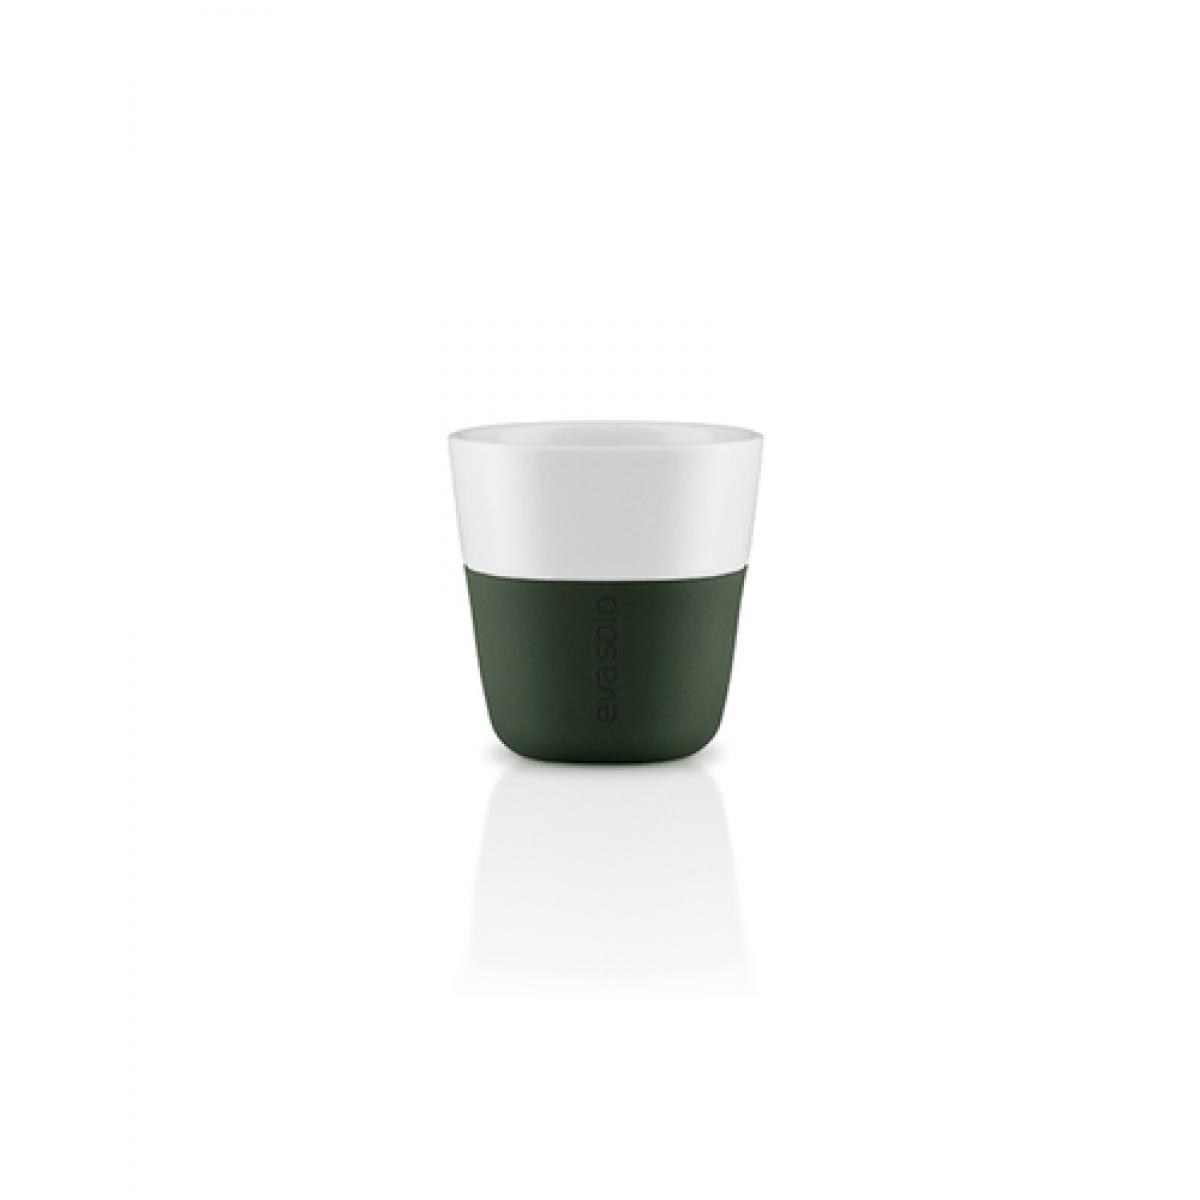 EVA SOLO Espresso-krus forest green